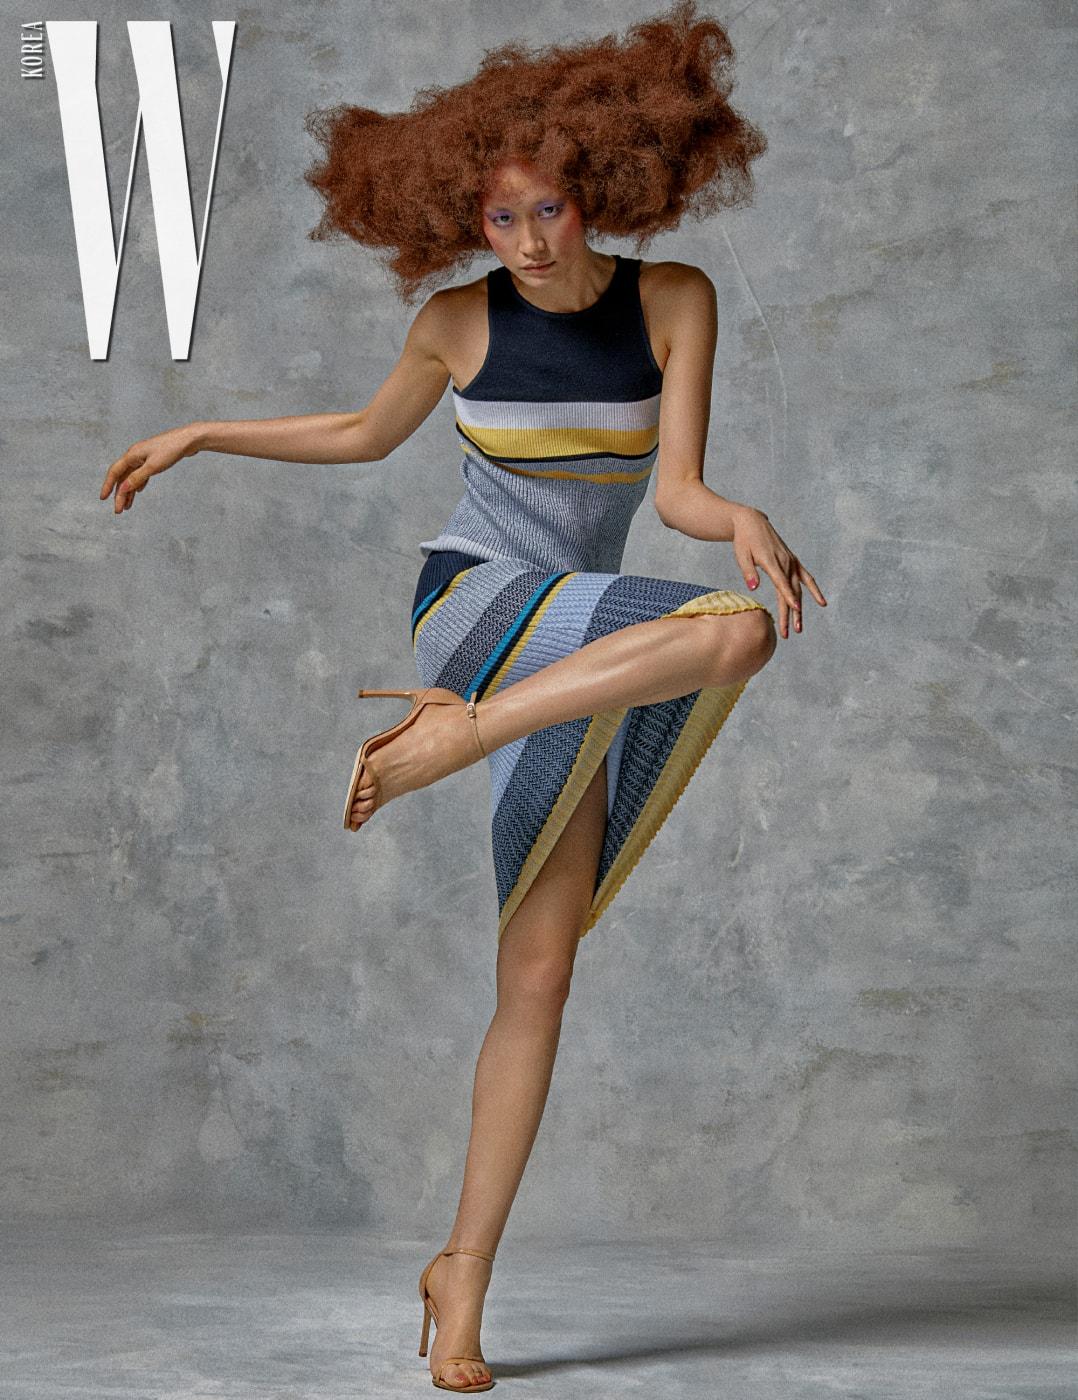 가느다란스트랩이여성스러운느낌을주는 누드컬러샌들은Stuart Weitzman 제품. 줄무늬니트원피스는Victoria Beckham by Super Nomal 제품.